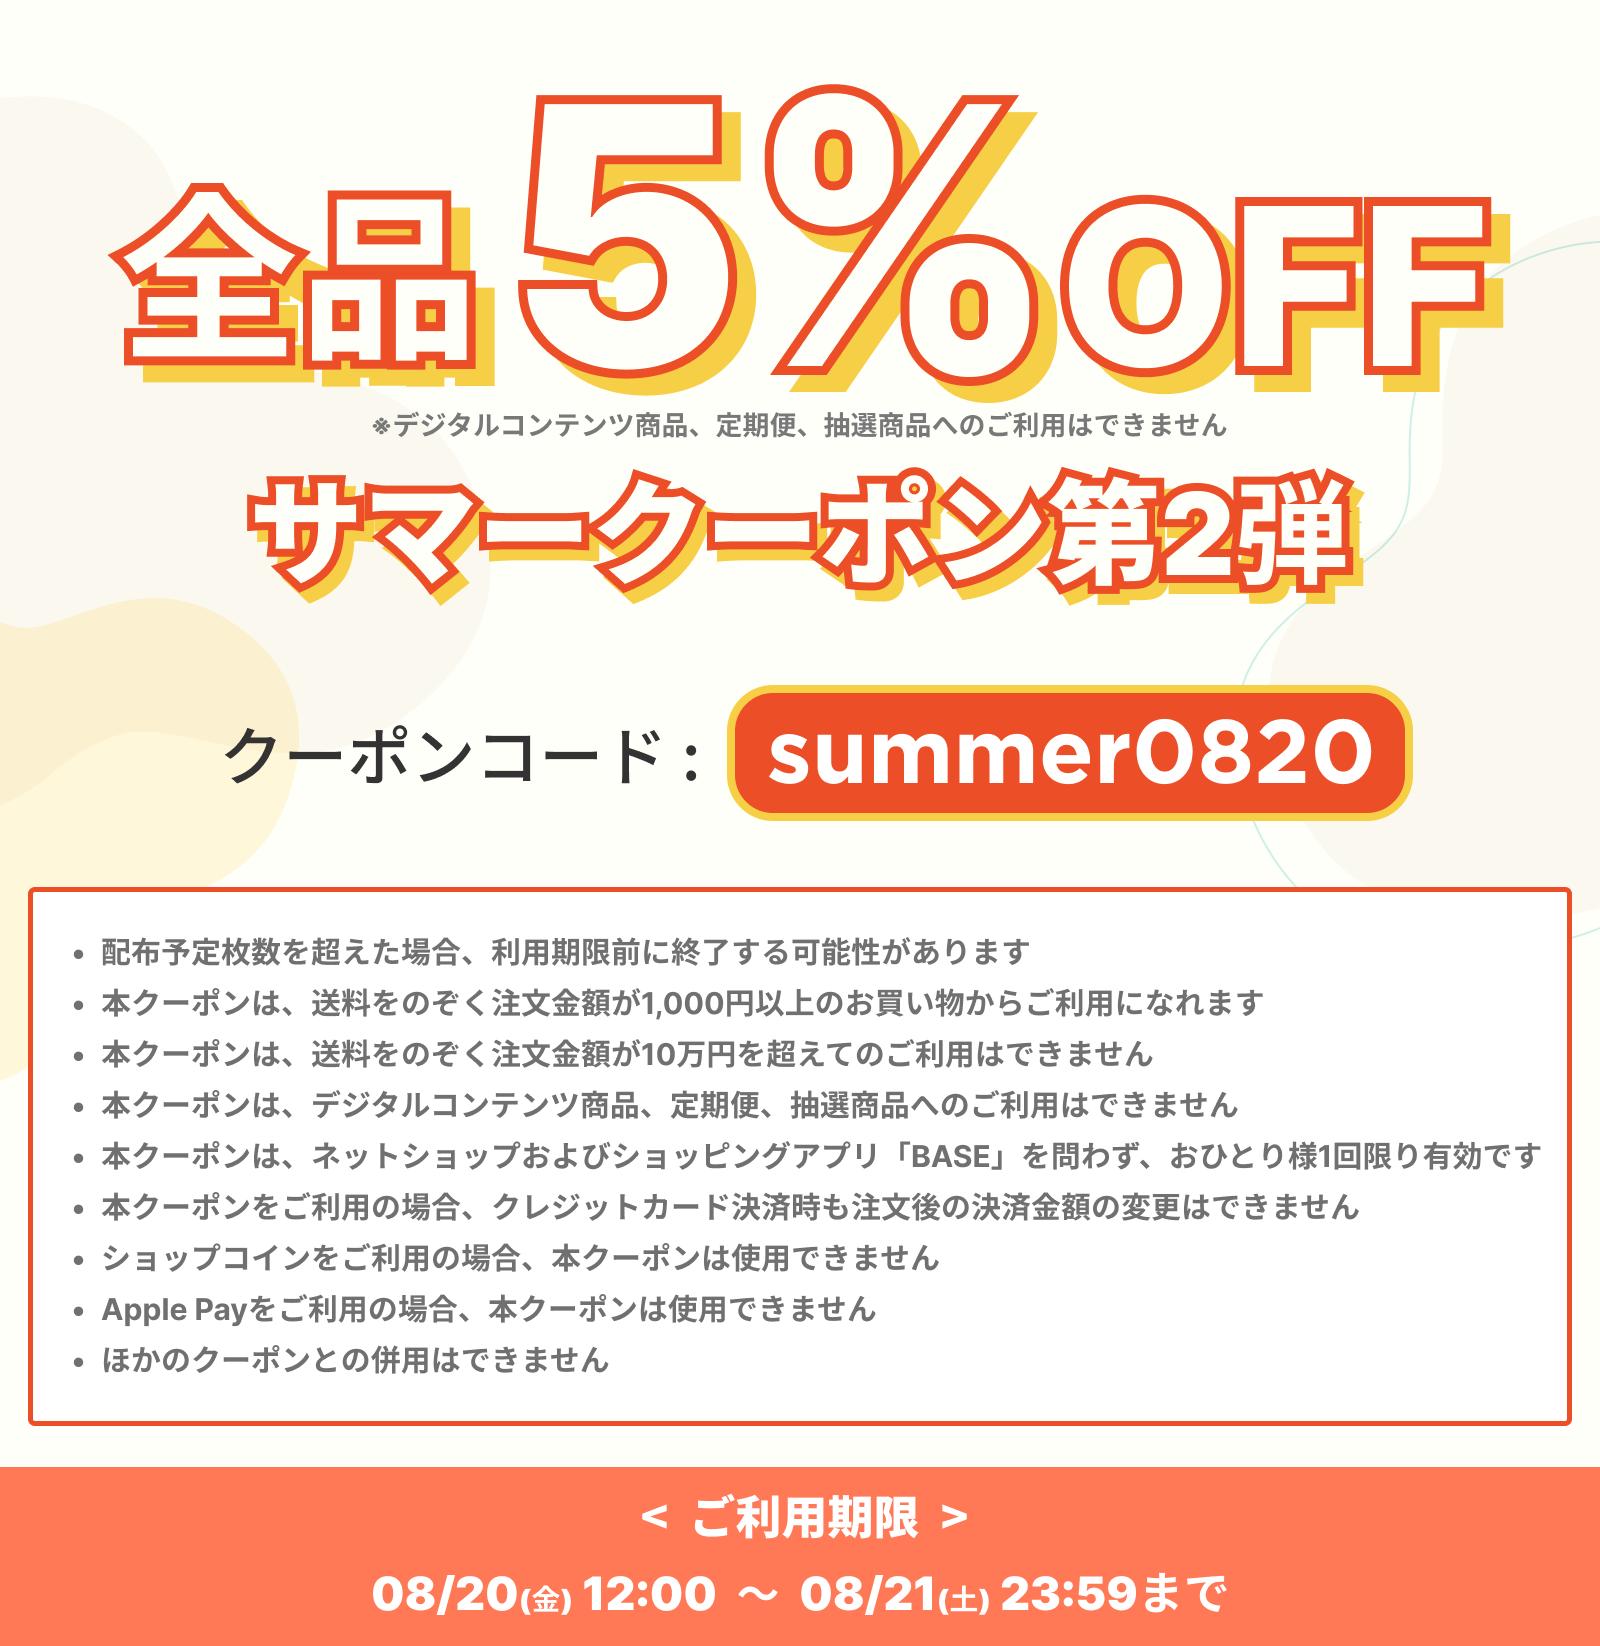 【8/20~8/21 期間限定】 「BASE」サマークーポンキャンペーン! お得な5%OFFクーポン